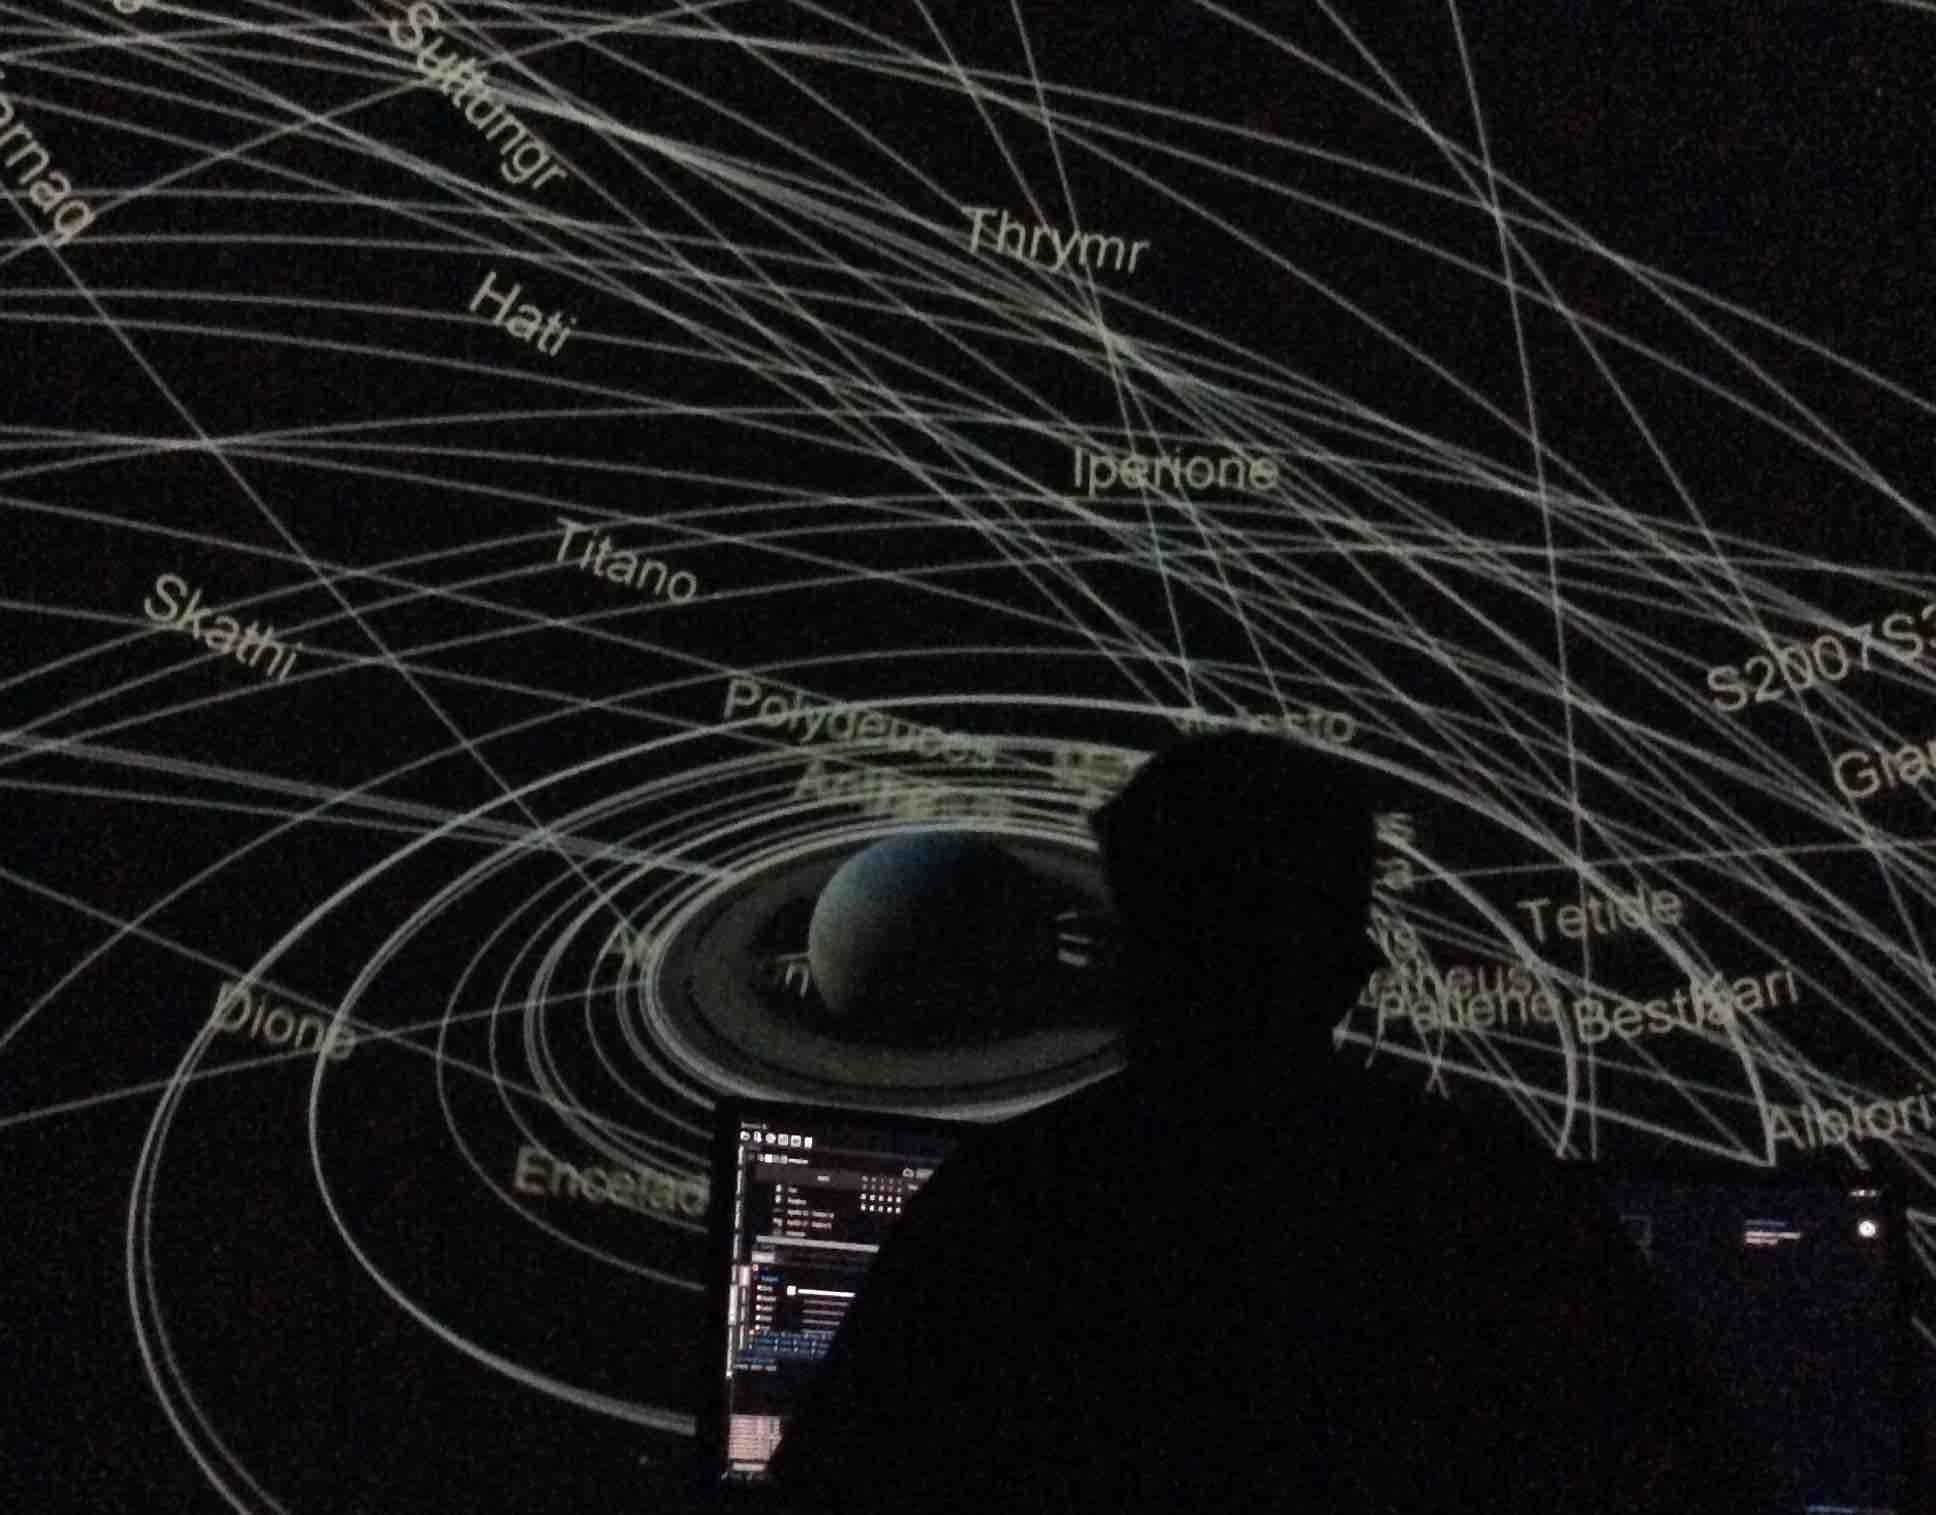 Da Infini.to a marzo, un weekend spaziale per i bimbi al Planetario di Torino